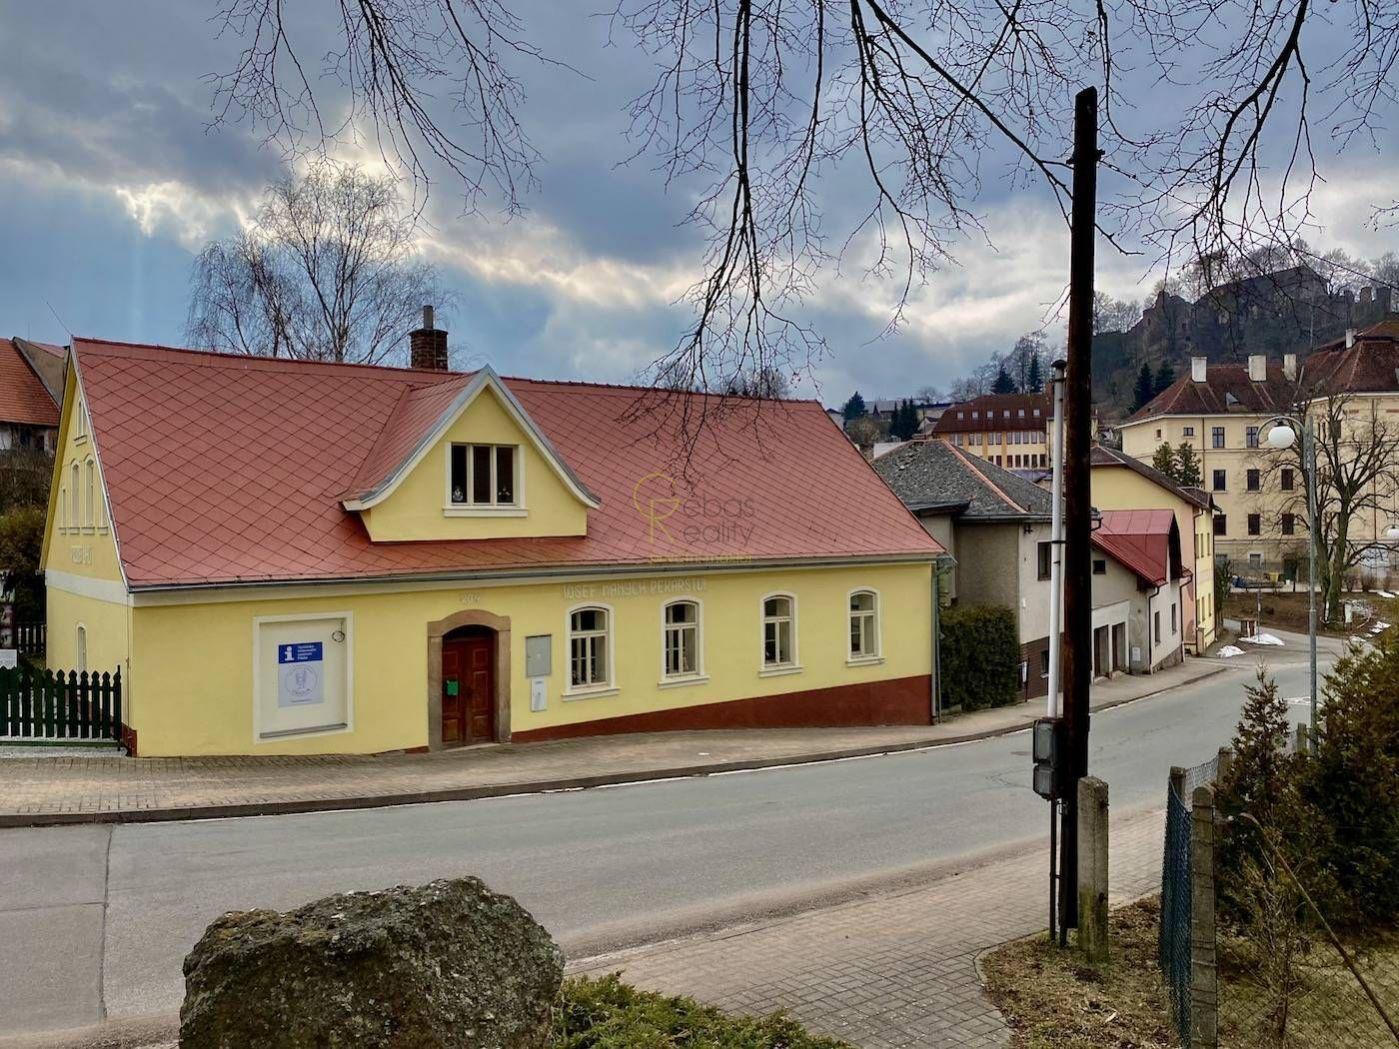 Dům v centru obce - městys Pecka, Podkrkonoší